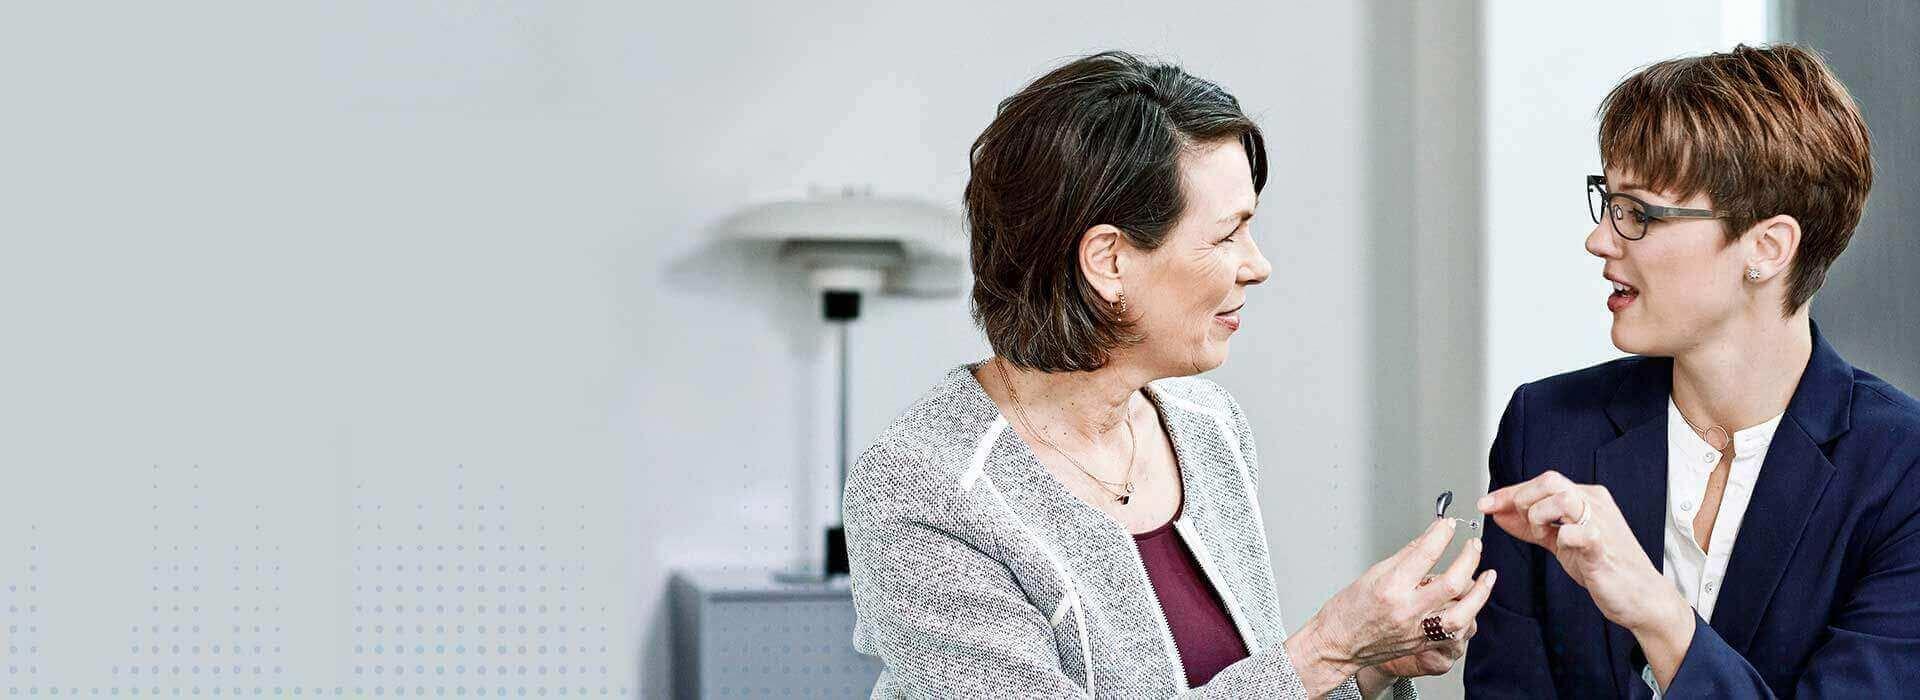 Deux femmes regardant un appareil auditif